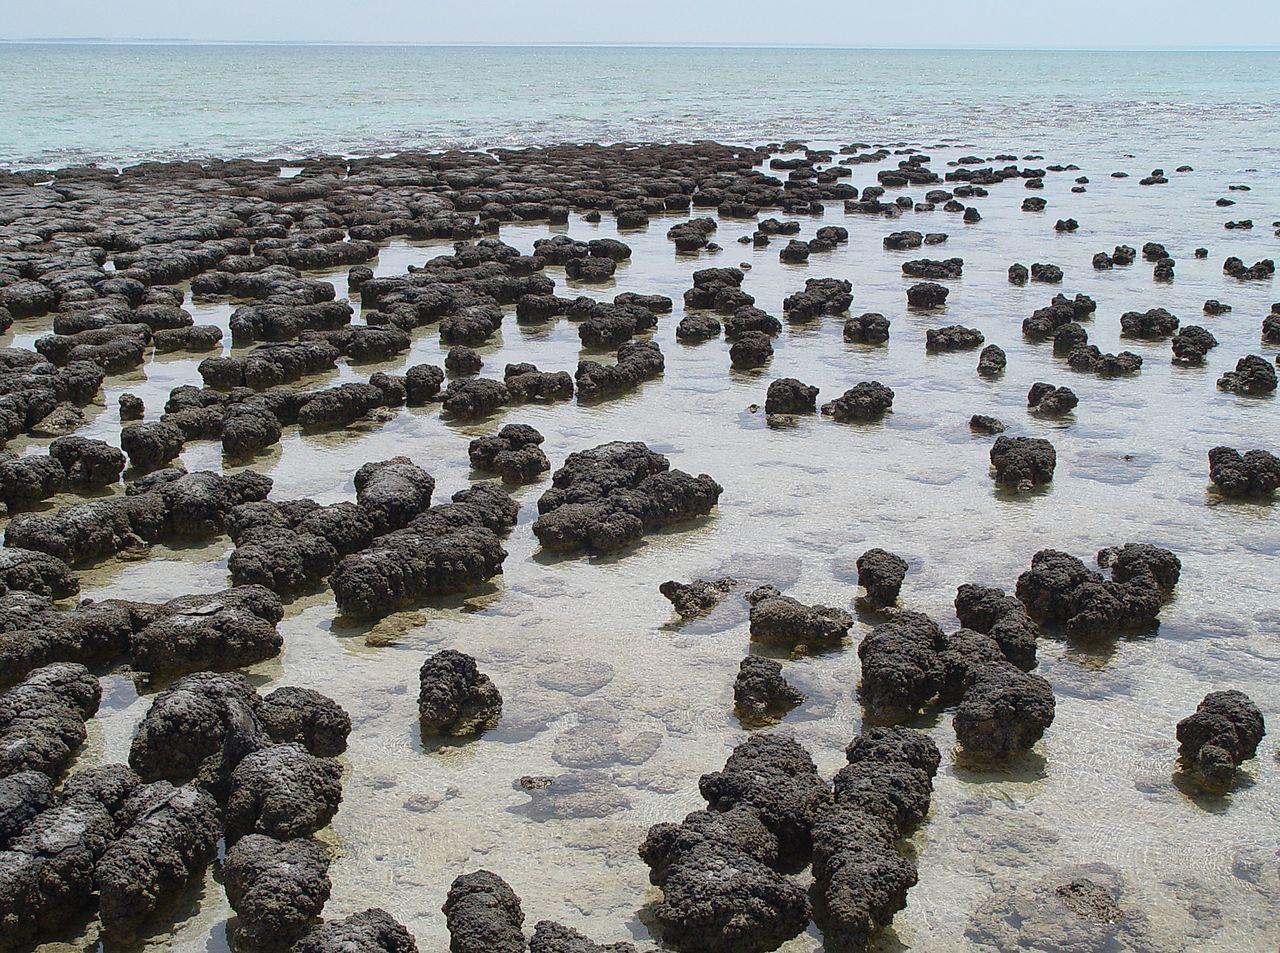 K nejstarším památkám na život patří stromatolity - dílo primitivních bakterií a sinic. Fotografie je ze Žraločí zátoky v Austrálii. (Kredit Paul Harrison, Wikipedia)